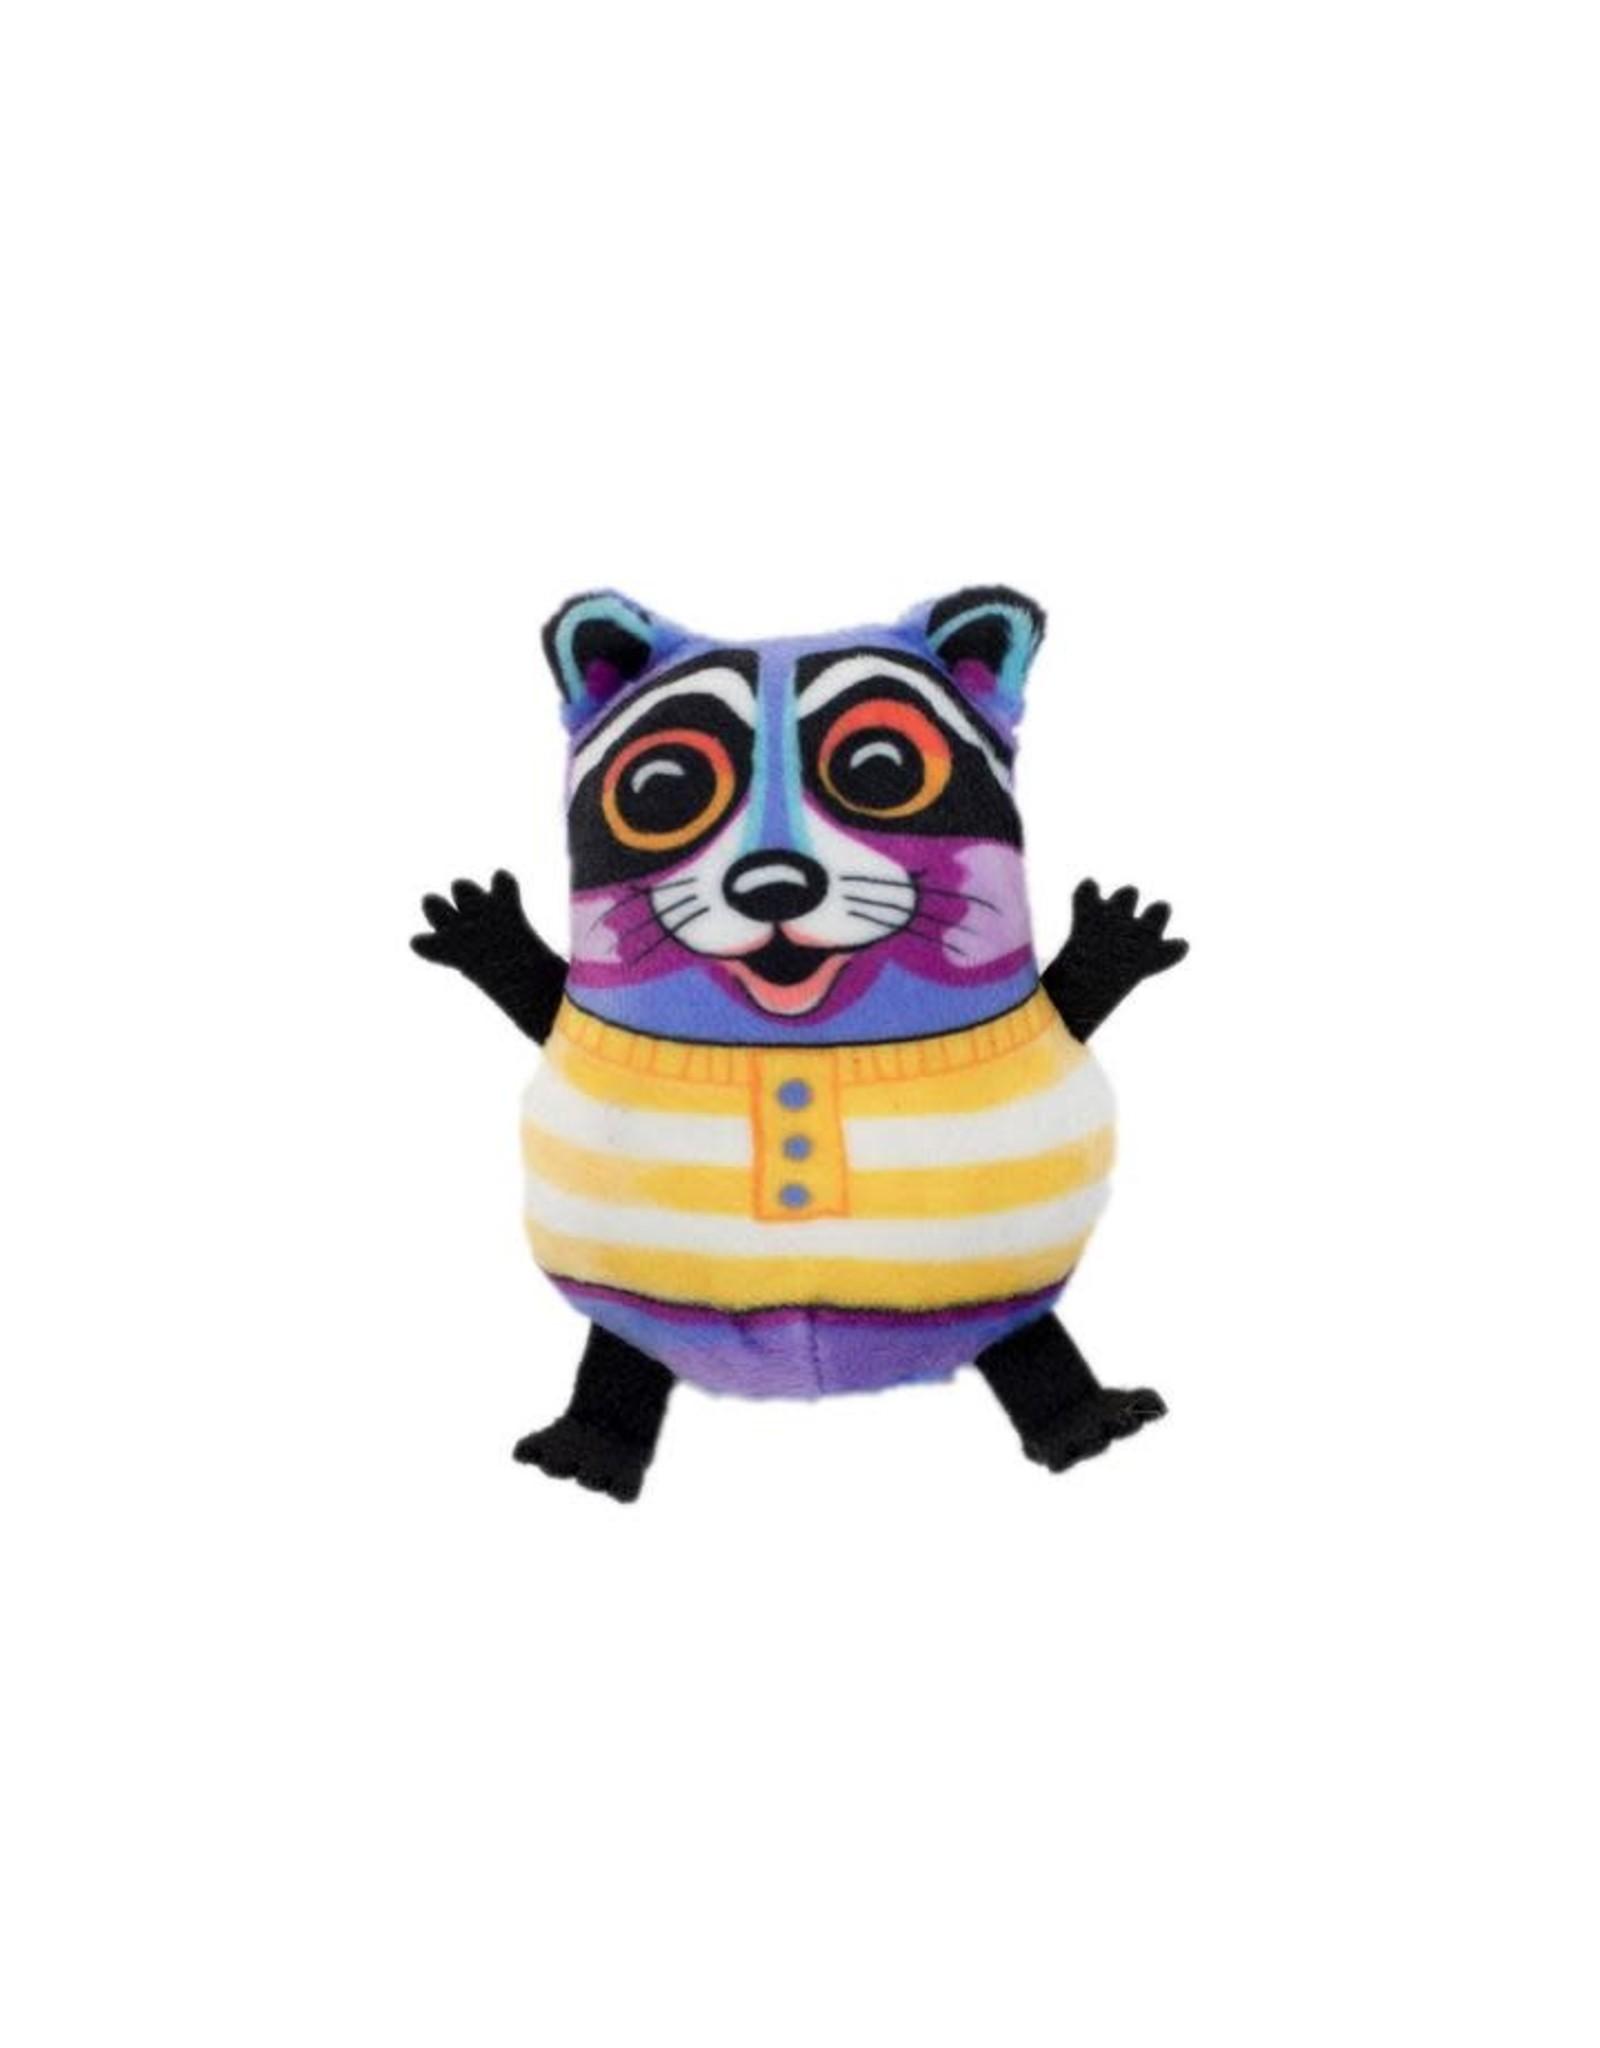 FUZZU FUZZU - Cat Toy - Tea Cup Fluffs Racoon